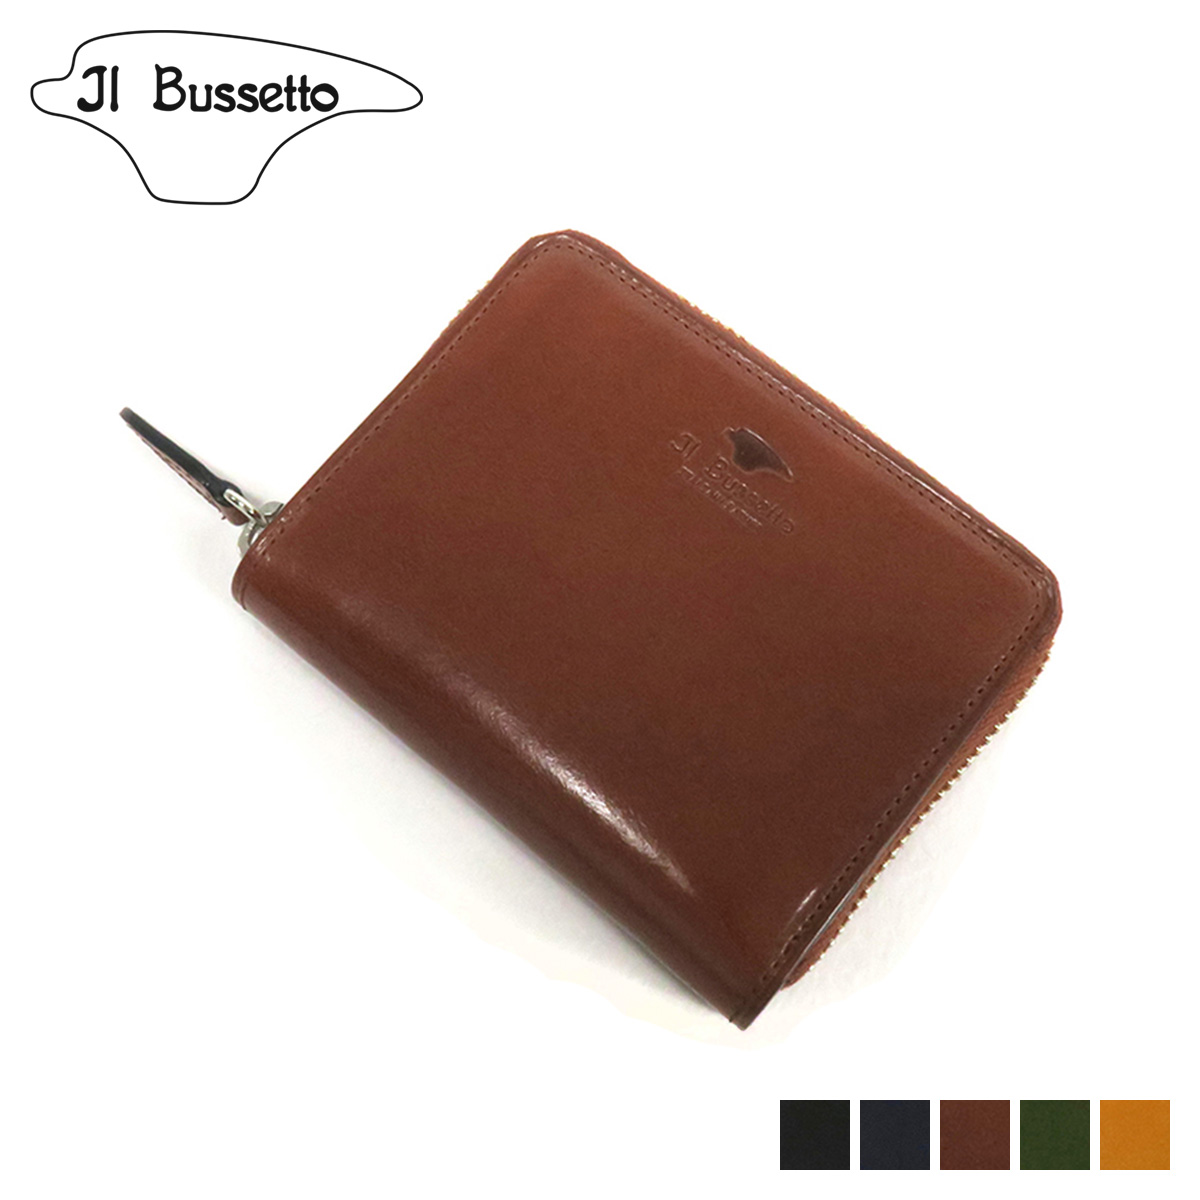 Il Bussetto ROUNDZIP MINI WALLET イルブセット 財布 二つ折り ラウンドファスナー メンズ レディース 本革 ブラック ネイビー ブラウン グリーン イエロー 黒 781521